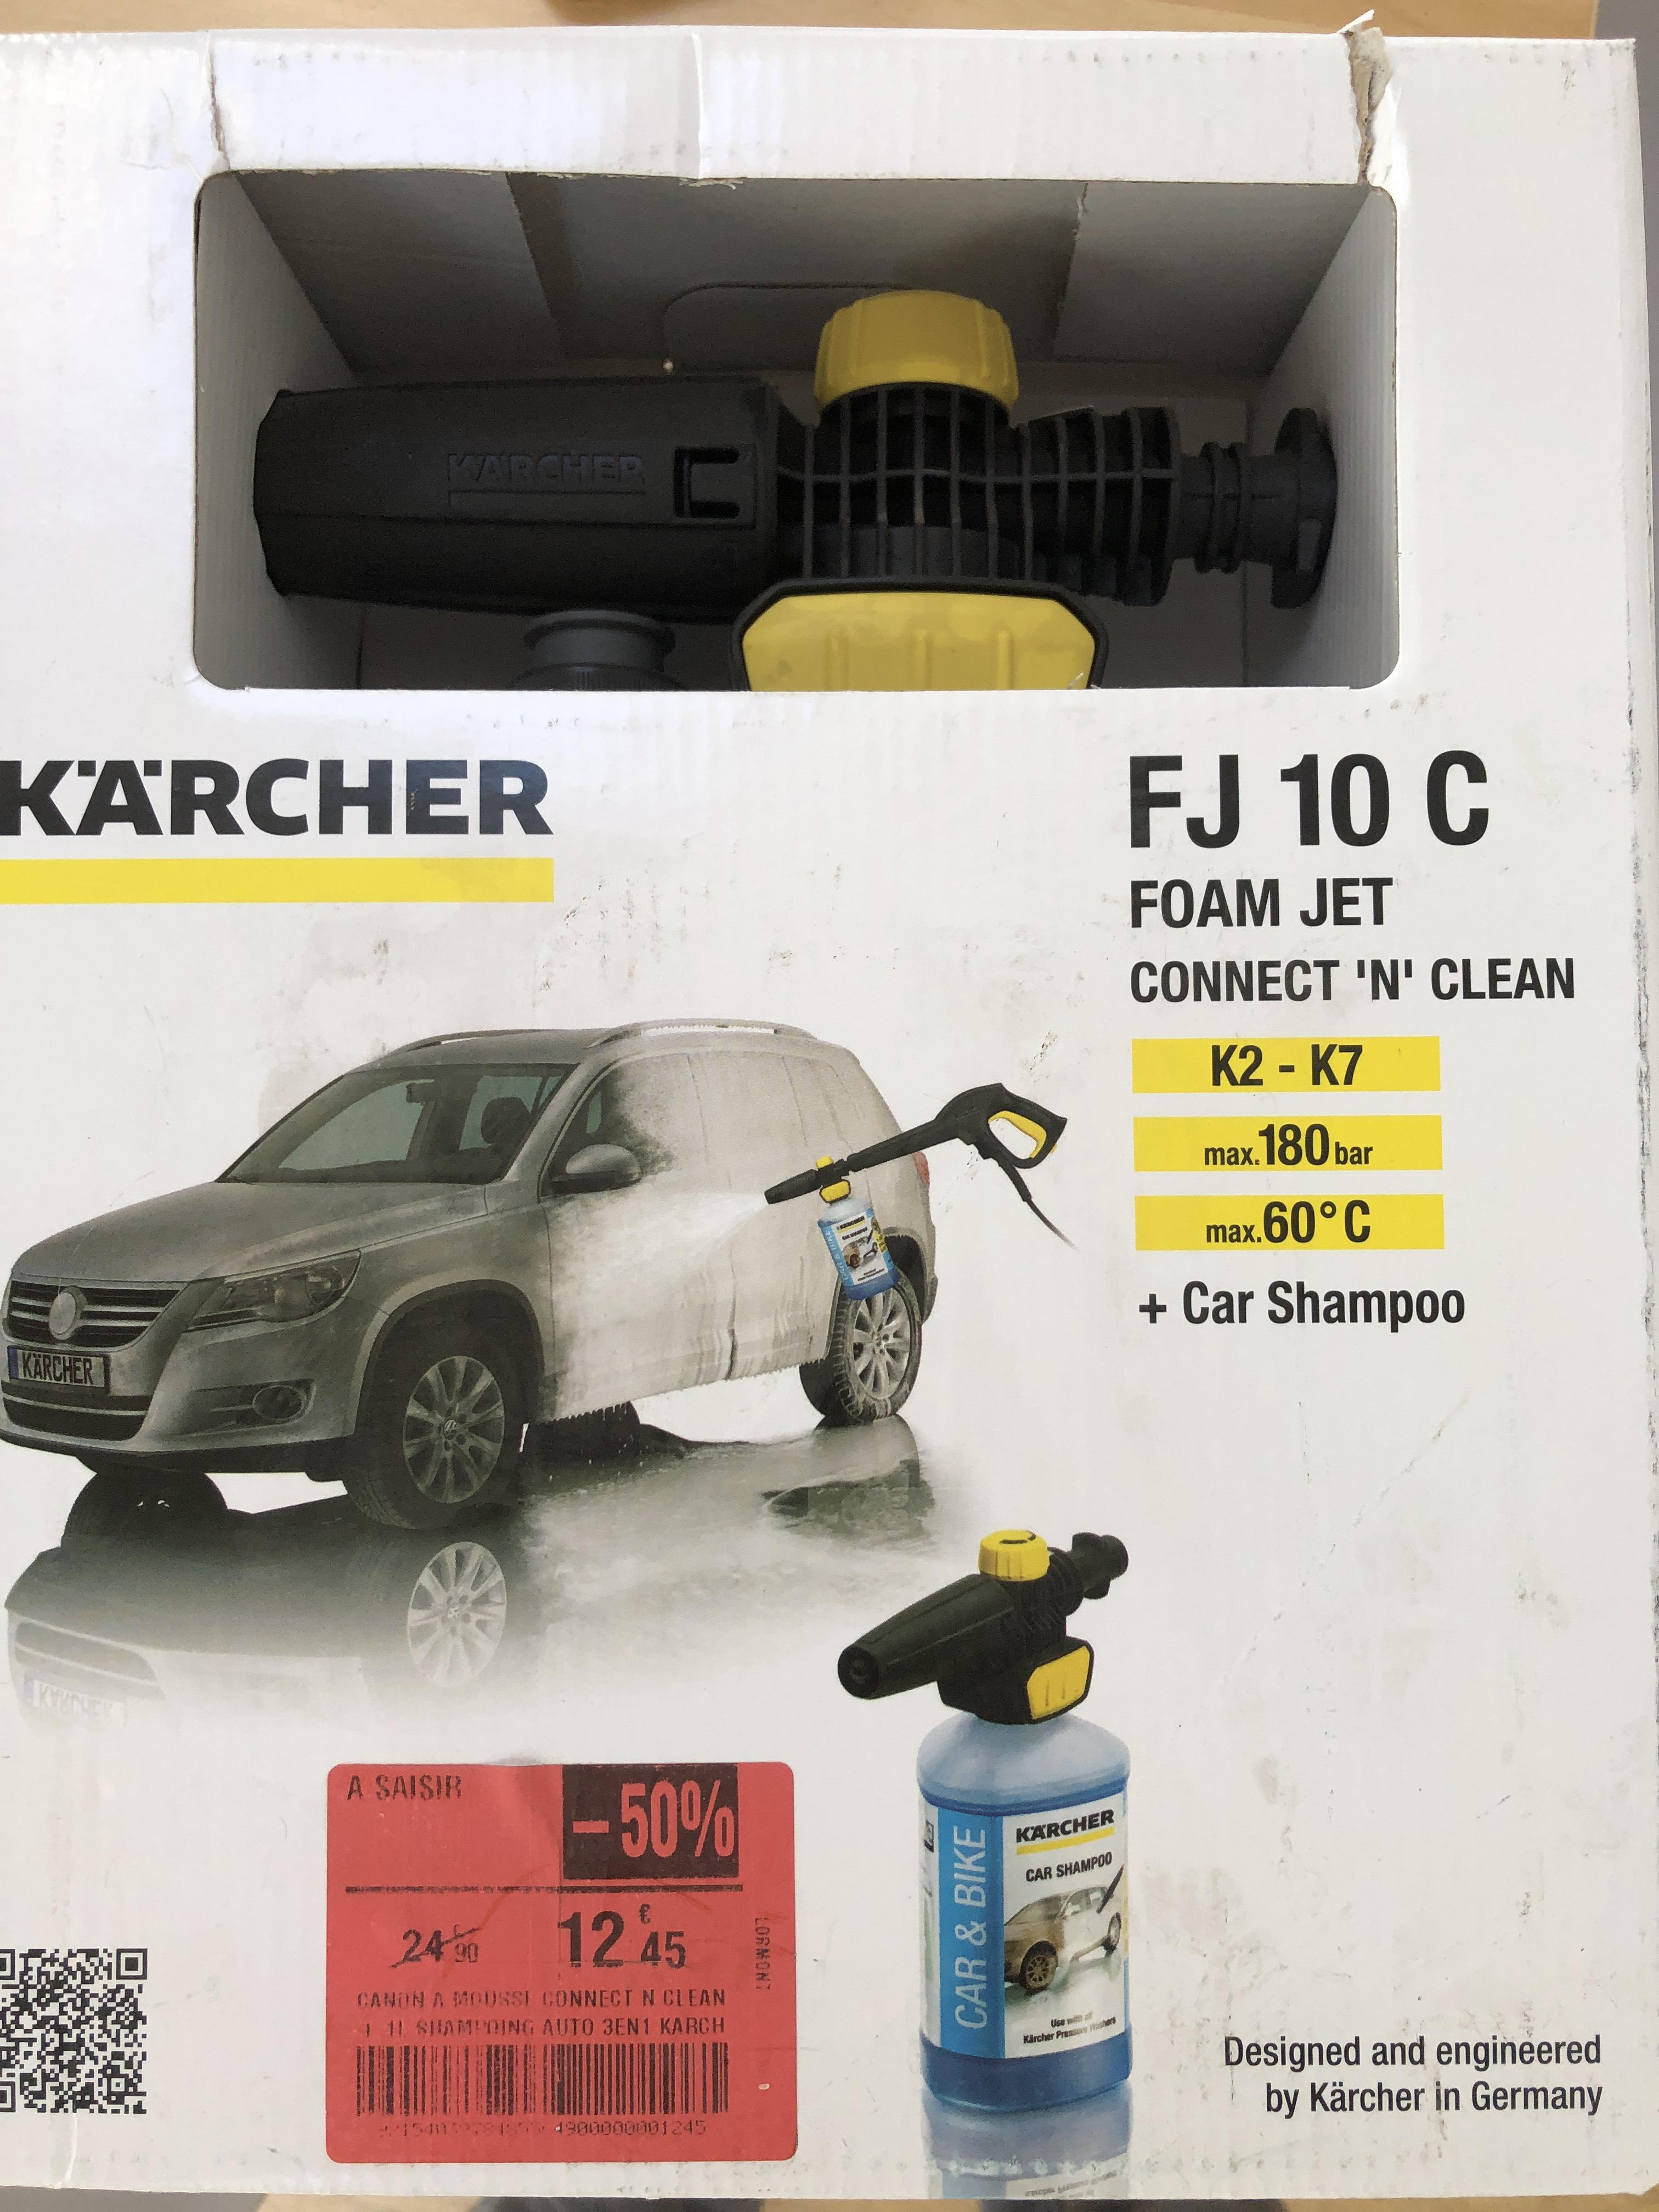 Accessoire pour mousseur haute pression Kärcher FJ10C Connect n Clean + Car Shampoo - Lormont (33)